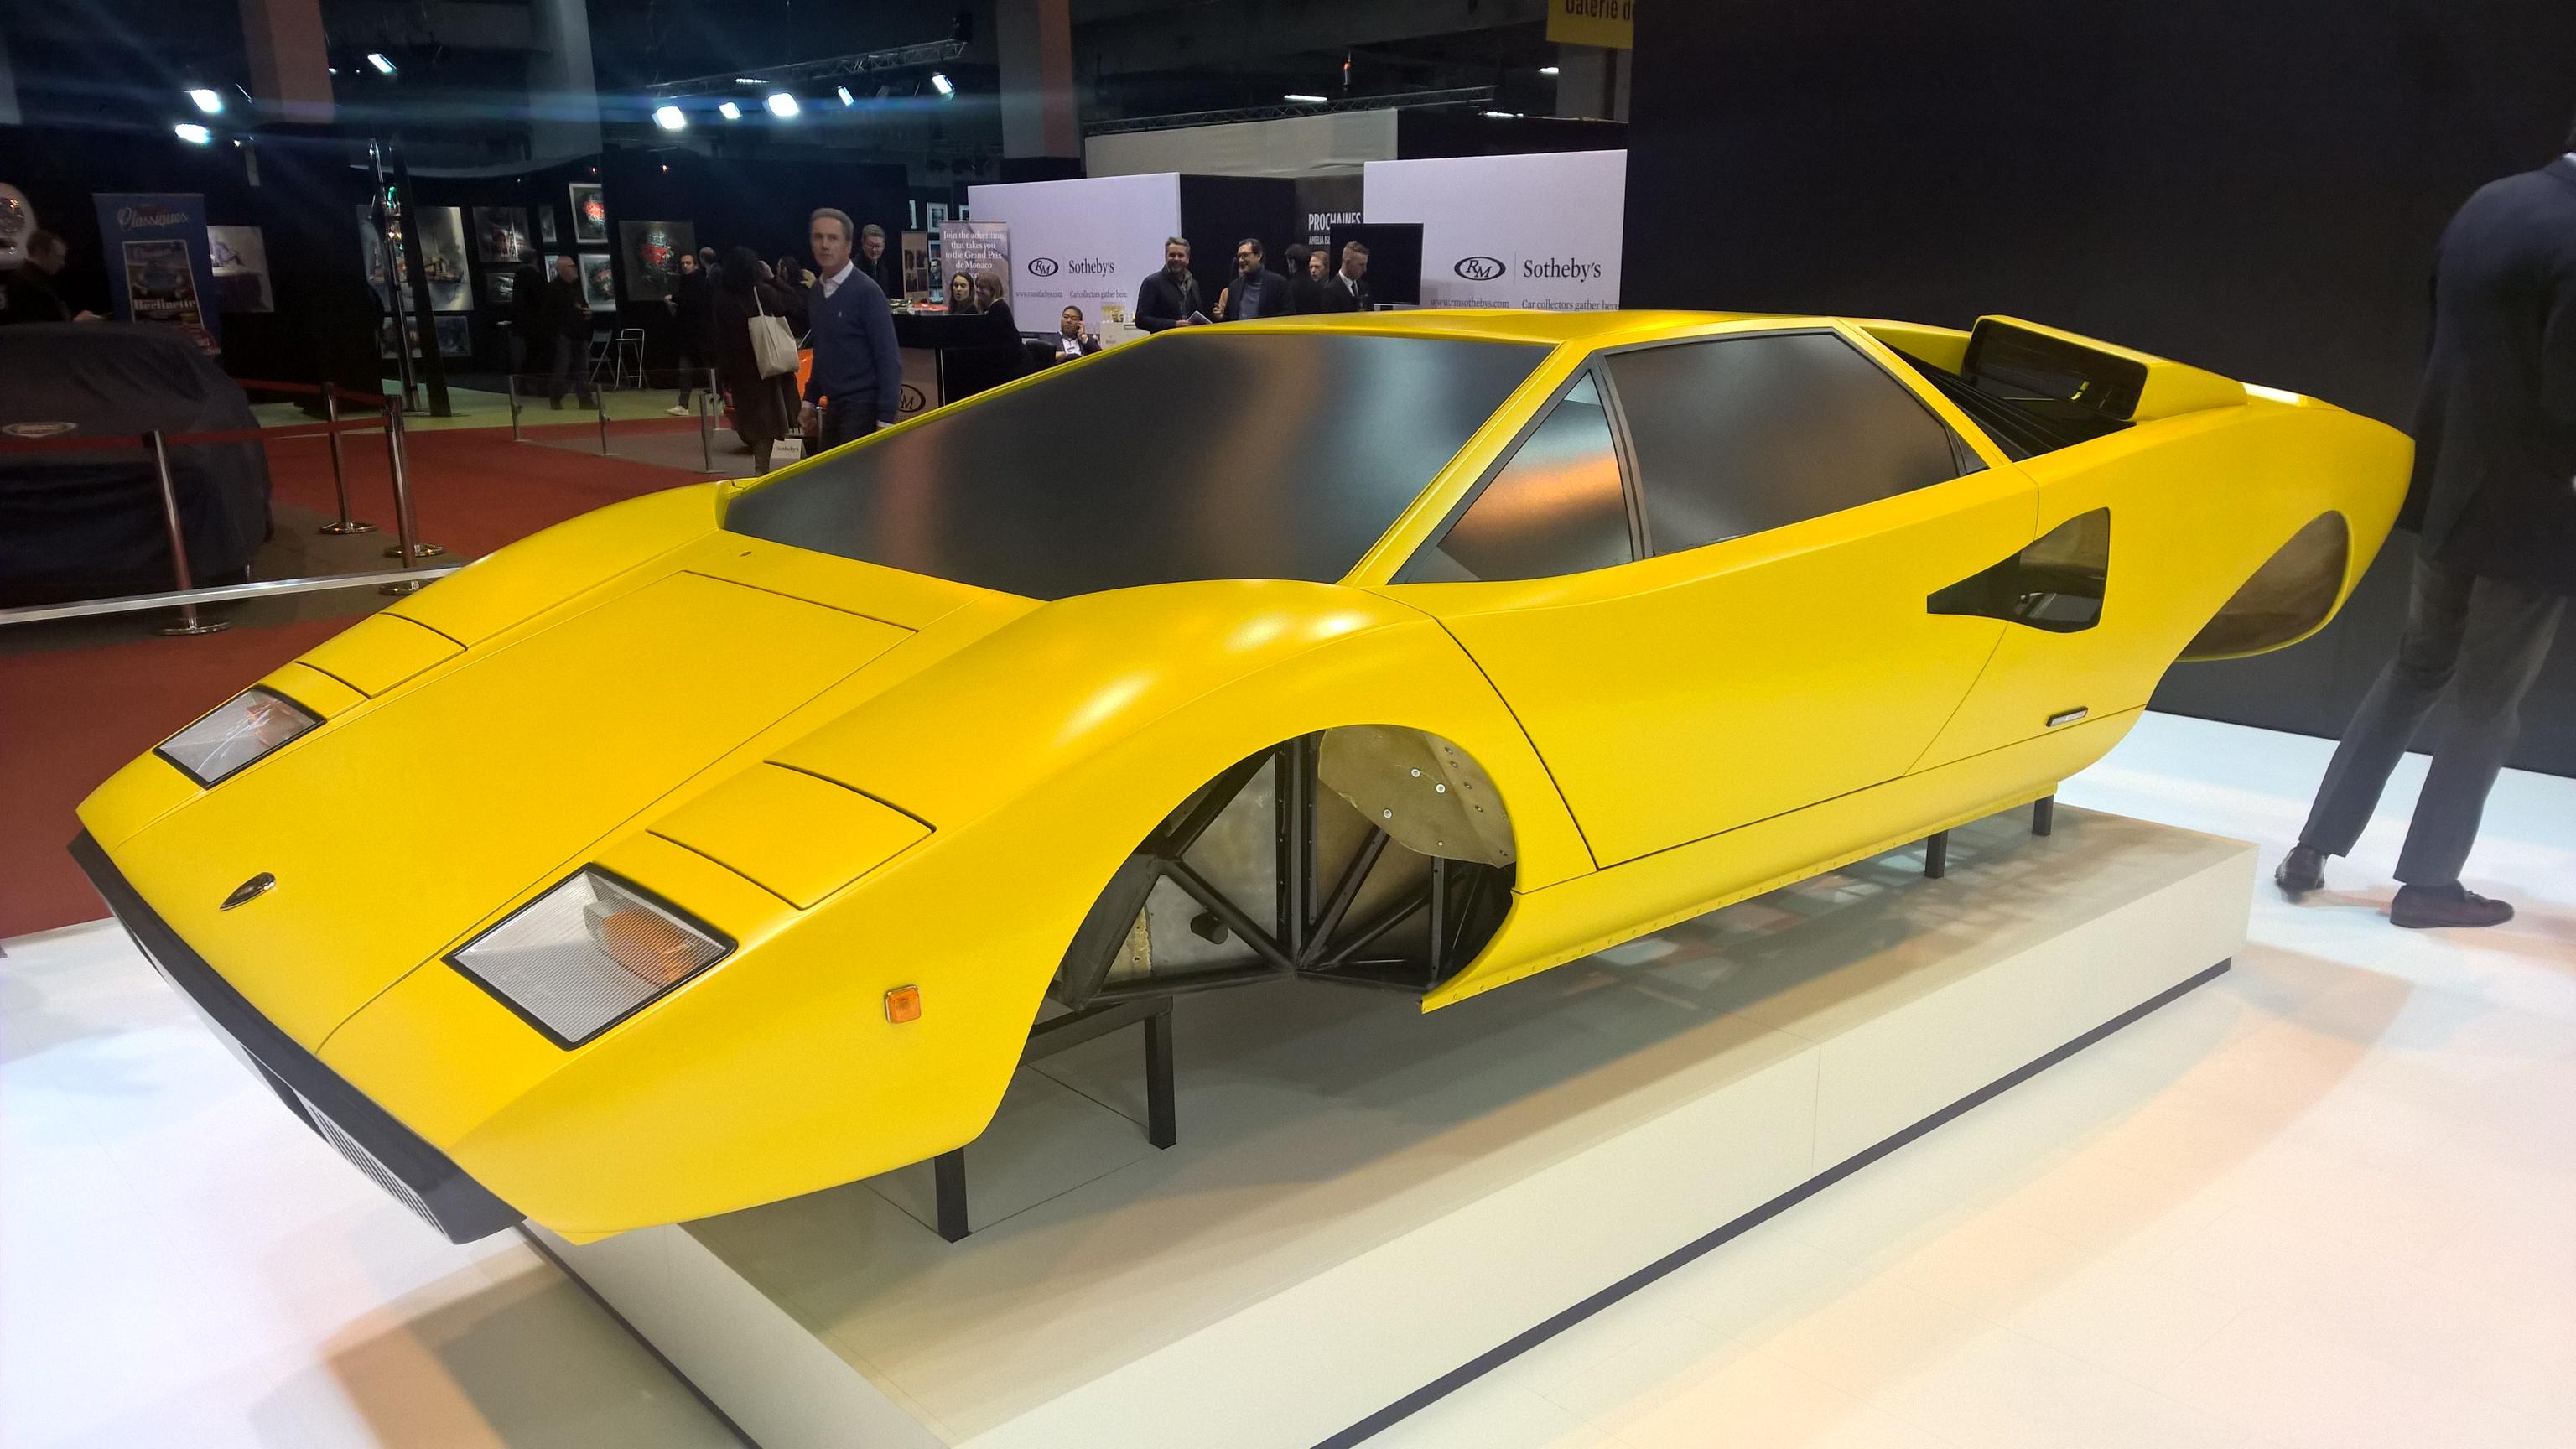 70-tallets største bilikon? Lamborghini Countach LP400, med sitt avanserte rør-ramme chassis godt synlig.